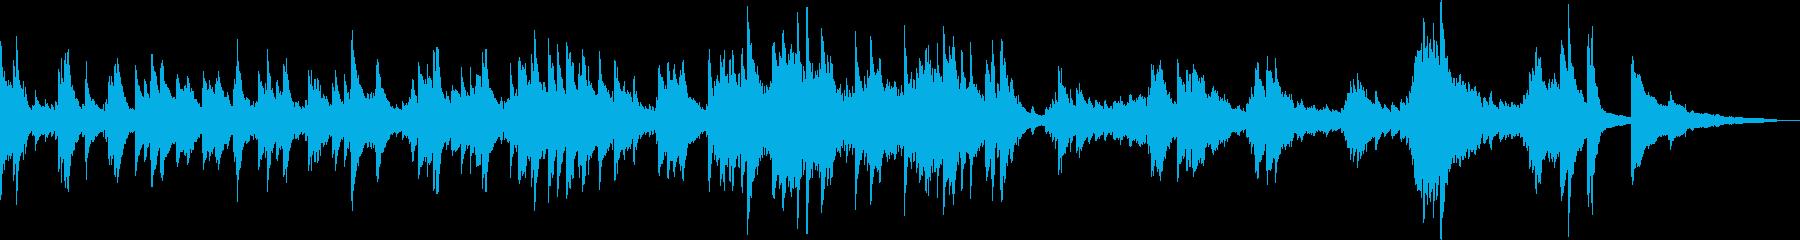 悲劇的なピアノバラード(悲しい・BGM)の再生済みの波形